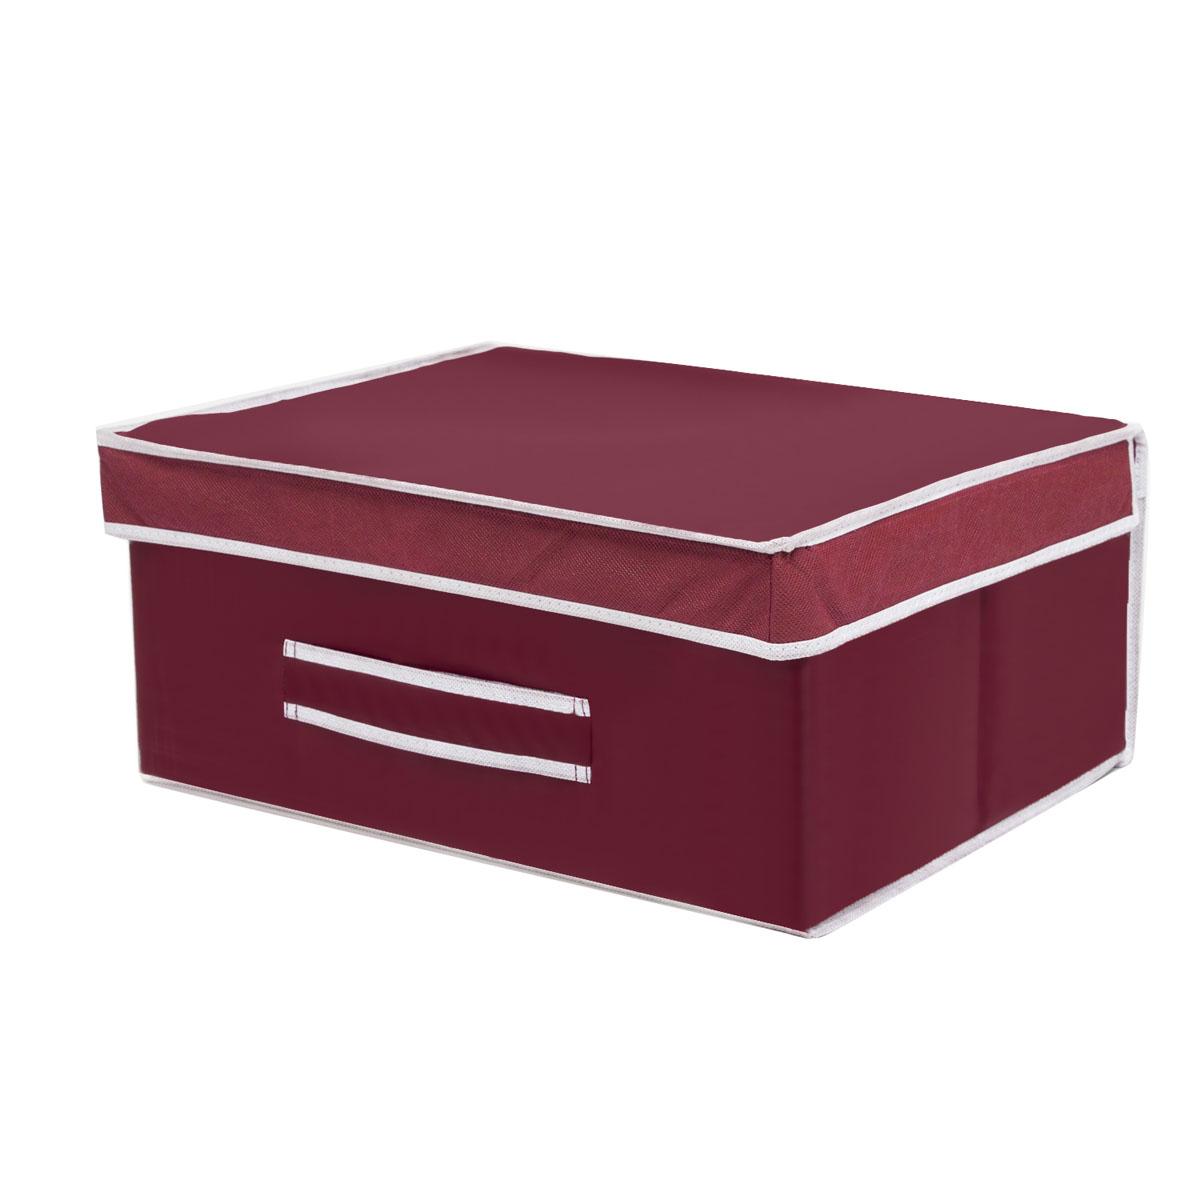 Коробка для хранения Homsu Red Rose, 45 х 37 х 20 смTD 0033Вместительная коробка для хранения Homsu Red Rose выполнена из плотного картона. Изделие обладает удобным размером и привлекательным дизайном, выполненным в приятной цветовой гамме. Внутри коробки можно хранить фотографии, ткани, принадлежности для хобби, памятные сувениры и многое другое. Крышка изделия удобно открывается и закрывается.Коробка для хранения Homsu Red Rose станет незаменимой помощницей в путешествиях.